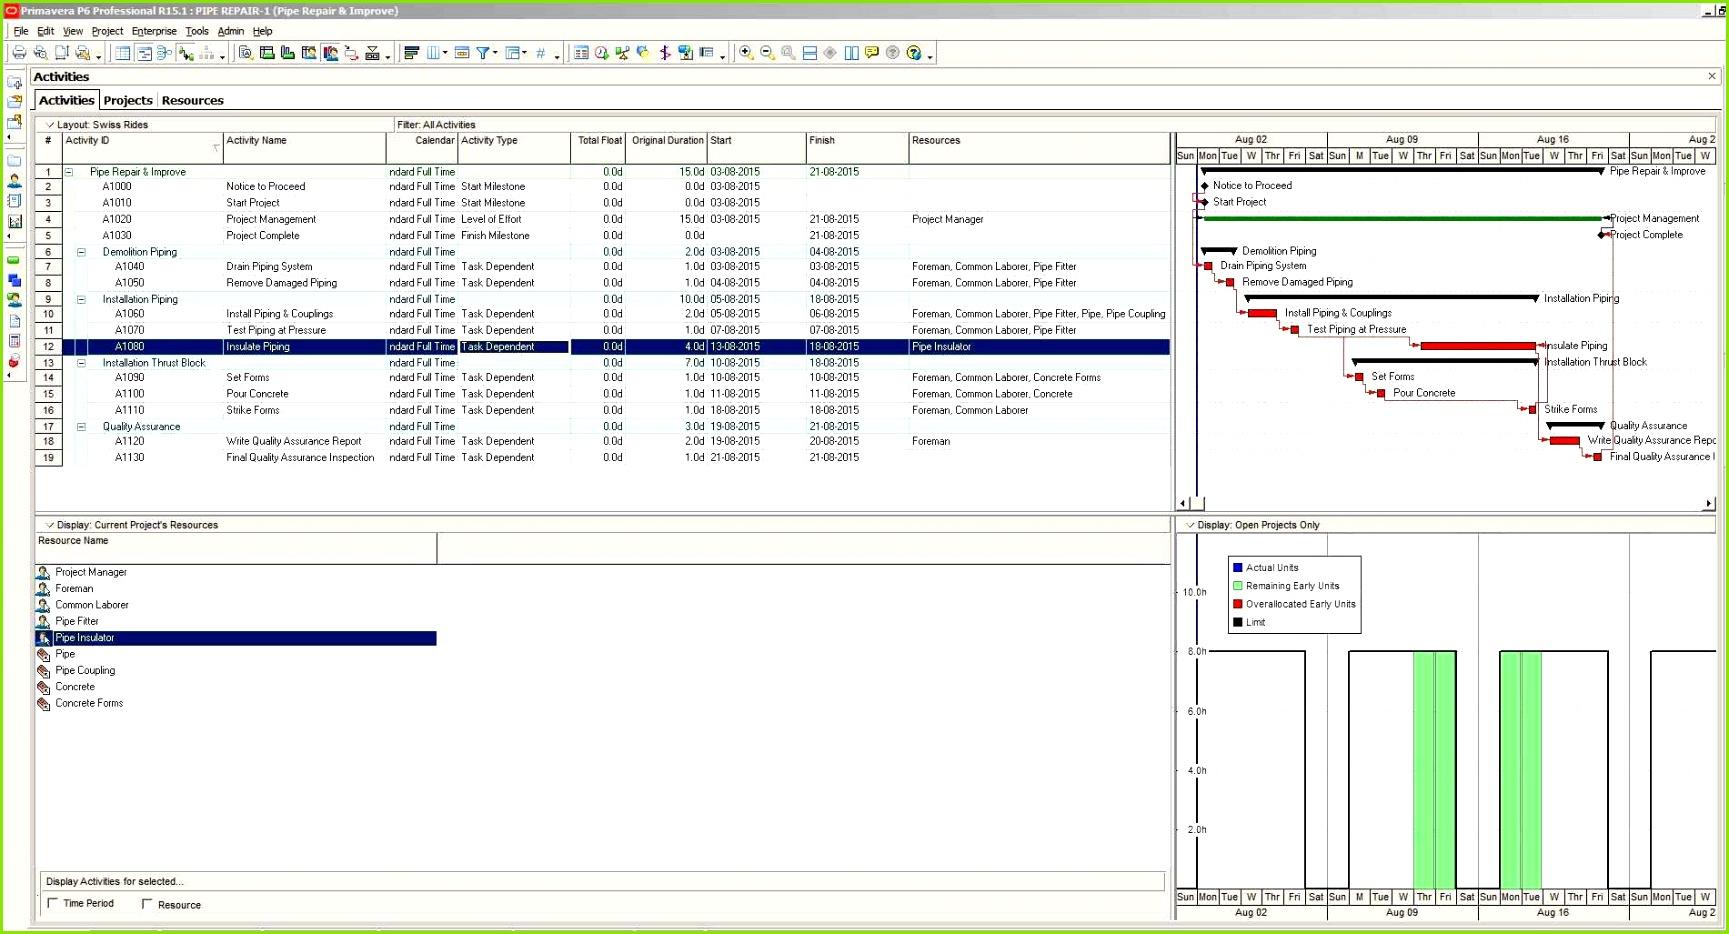 Allgemeine Bewerbung Muster Inspirierend Bewerbung Software Schon Bewerbung 3 Seite Schreiben Bewerbung Allgemeine Bewerbung Muster